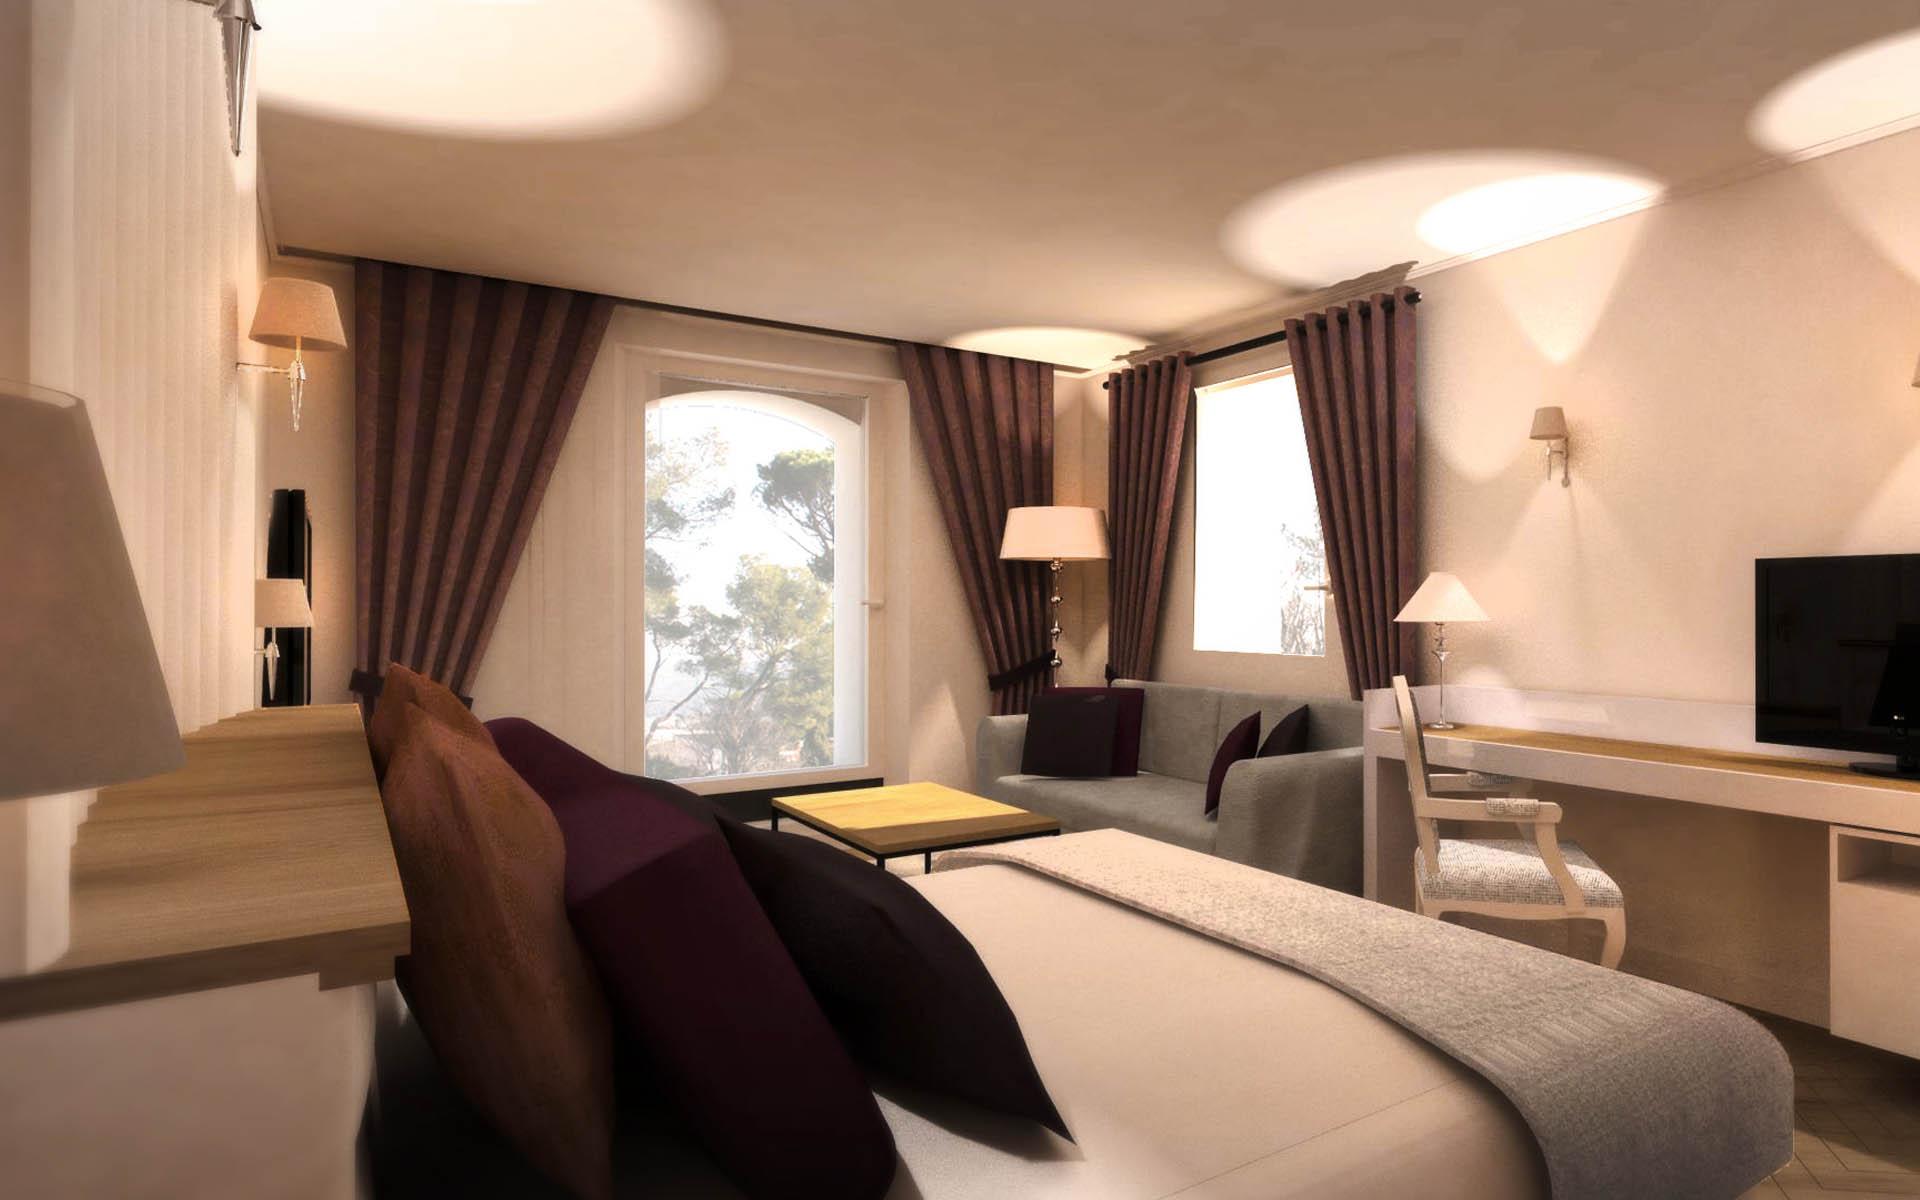 Architecte intérieur Hotel - Aix en provence 19